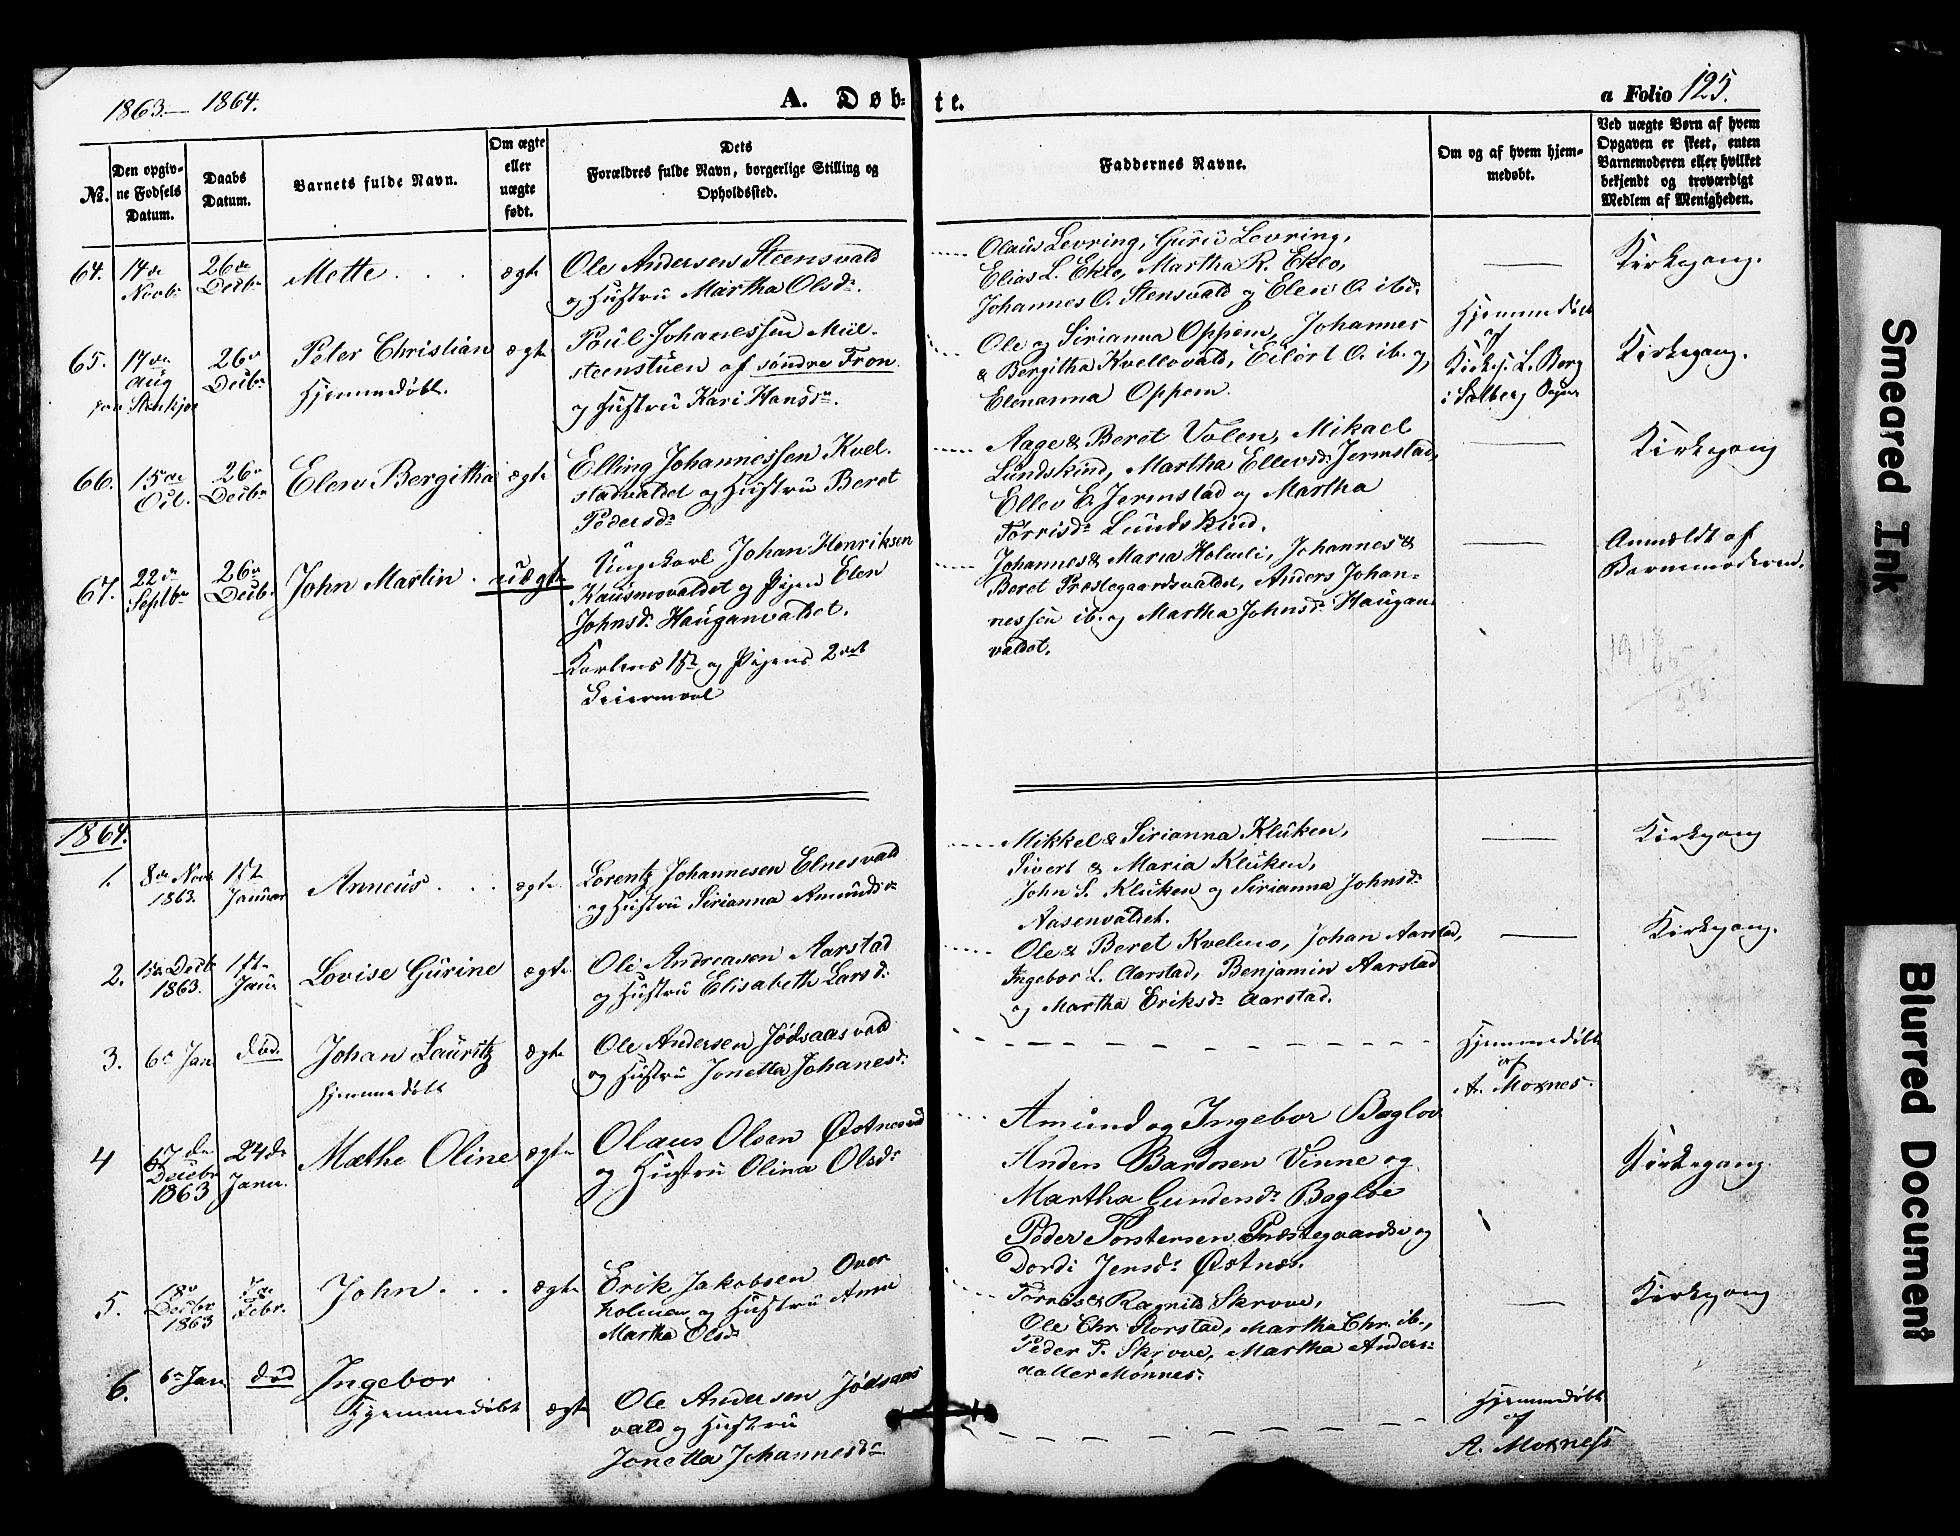 SAT, Ministerialprotokoller, klokkerbøker og fødselsregistre - Nord-Trøndelag, 724/L0268: Klokkerbok nr. 724C04, 1846-1878, s. 125